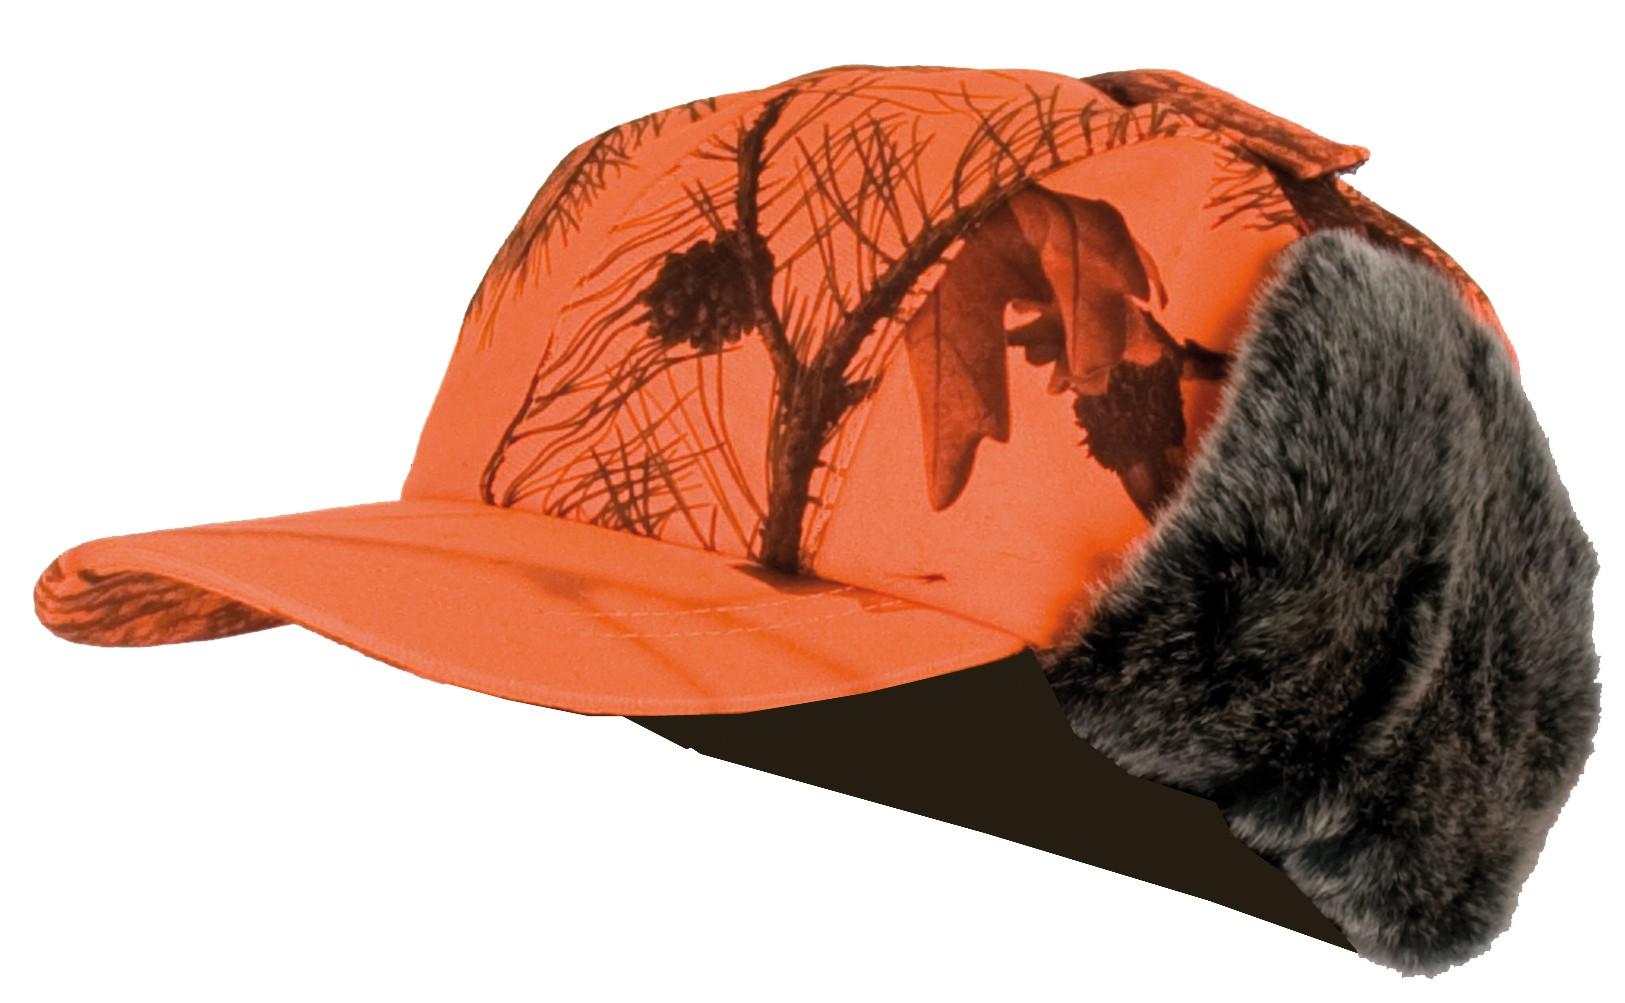 nouveau design Beau design bonne réputation 915 - Casquette avec cache oreilles fourrés camouflage orange - Somlys